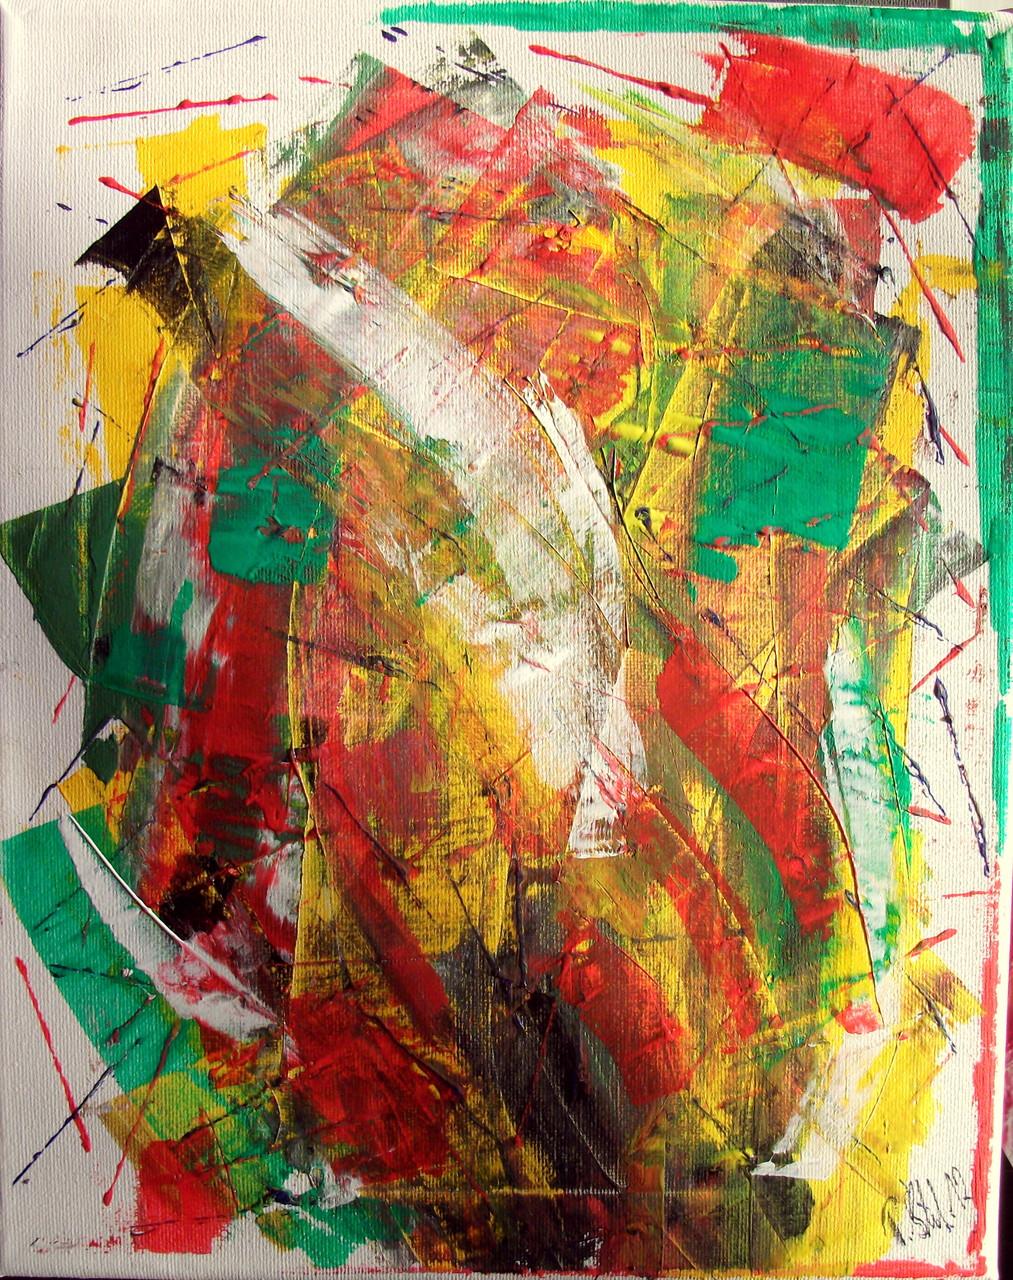 Abstrakte Welten 2 (24 x 30) Acryl auf Leinwand